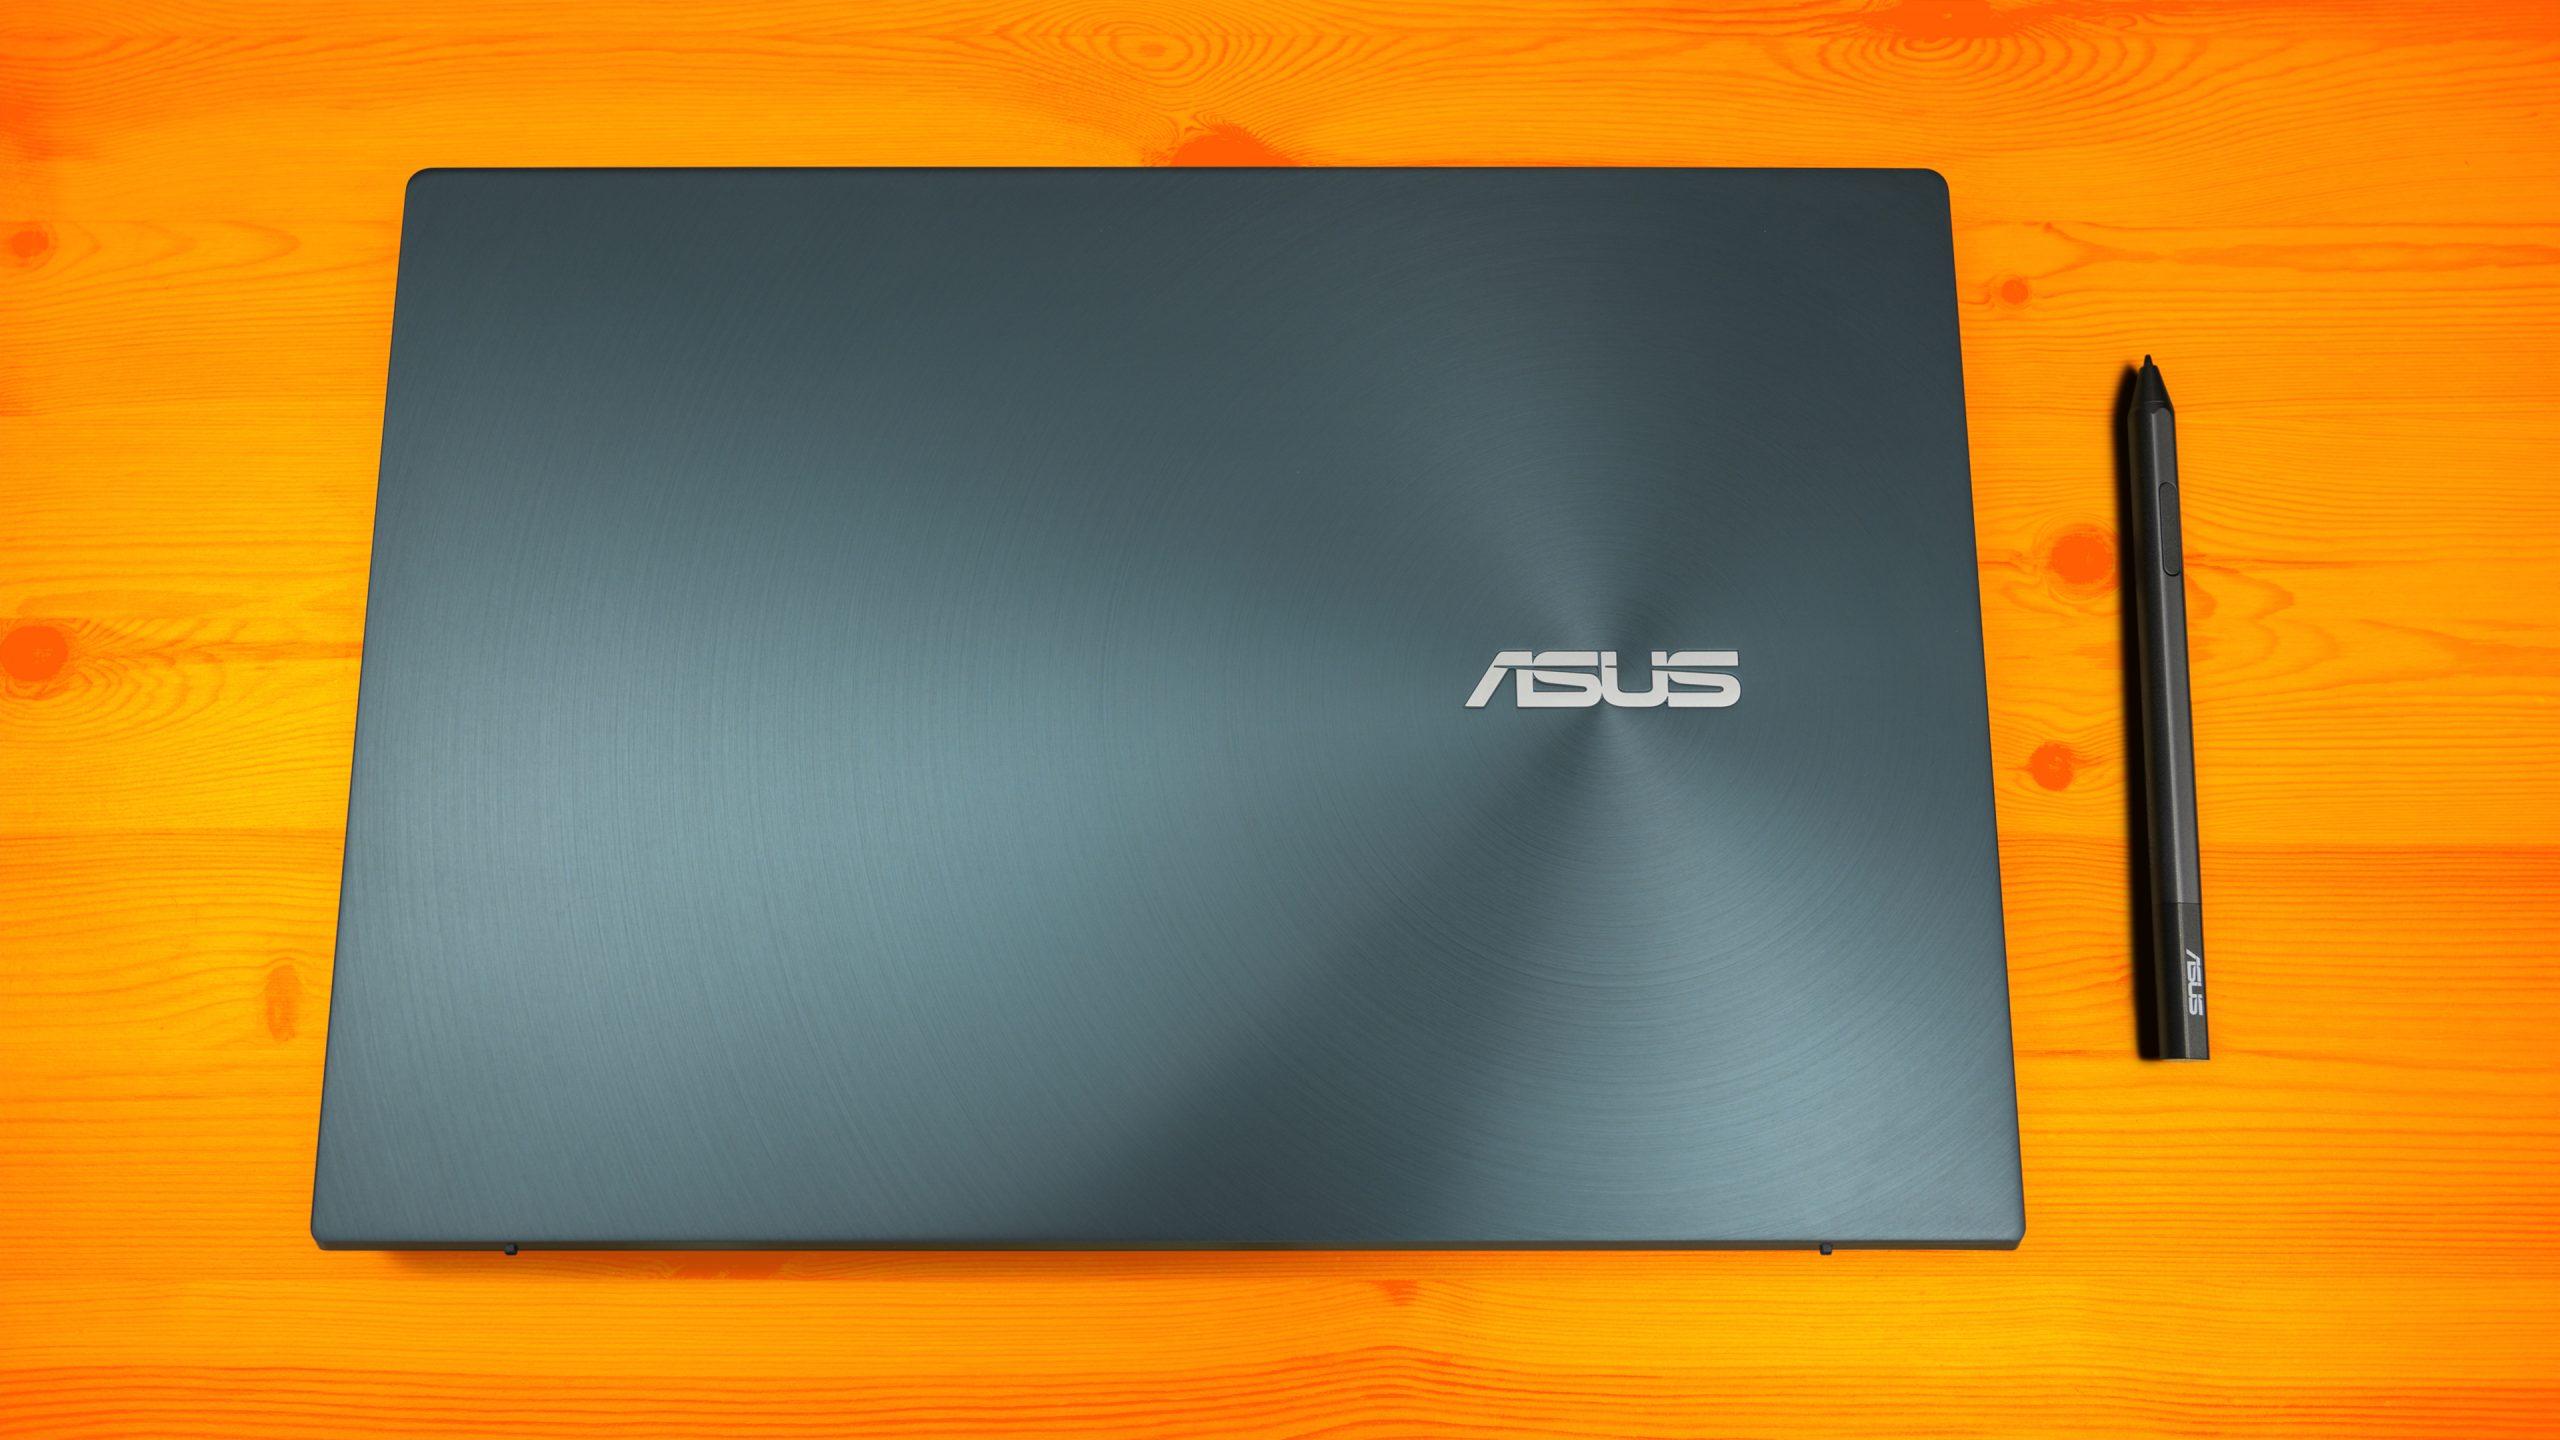 Bovenaanzicht van een dichtgeklapte ASUS-notebook en bijbehorende stylus-pen.